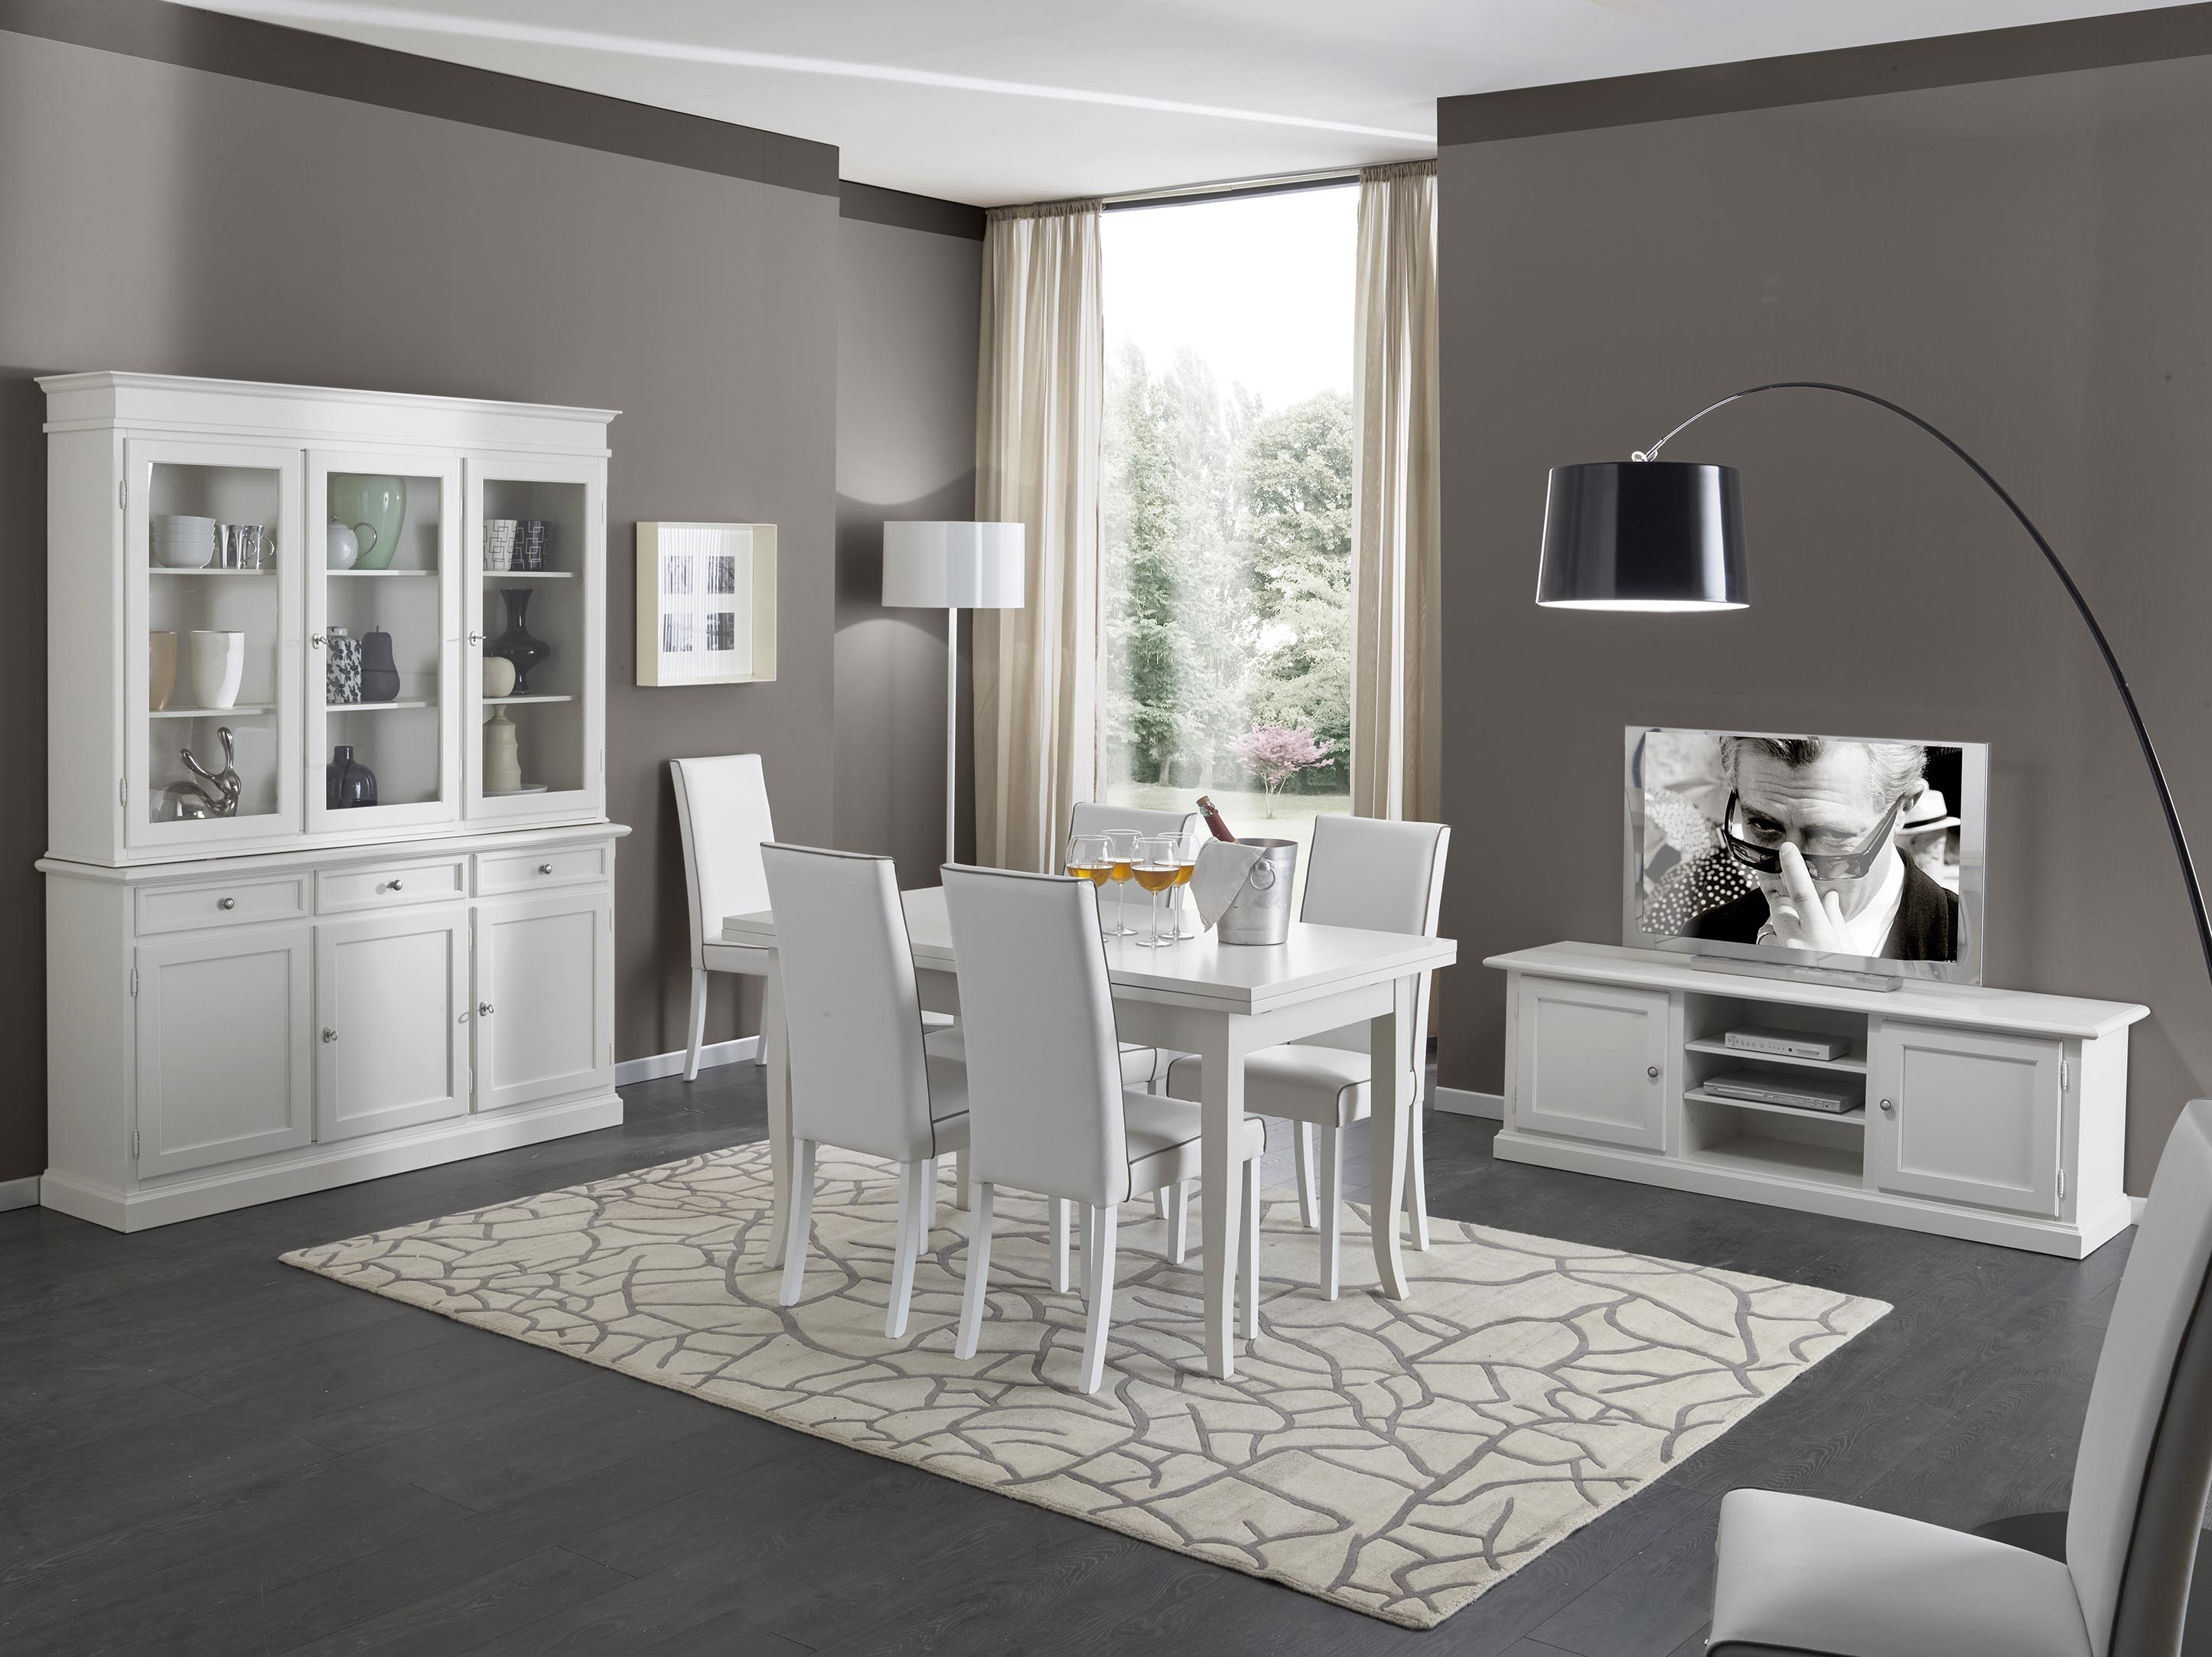 Soggiorno in legno bianco con tavolo sedie mobile tv e for Salotto e soggiorno